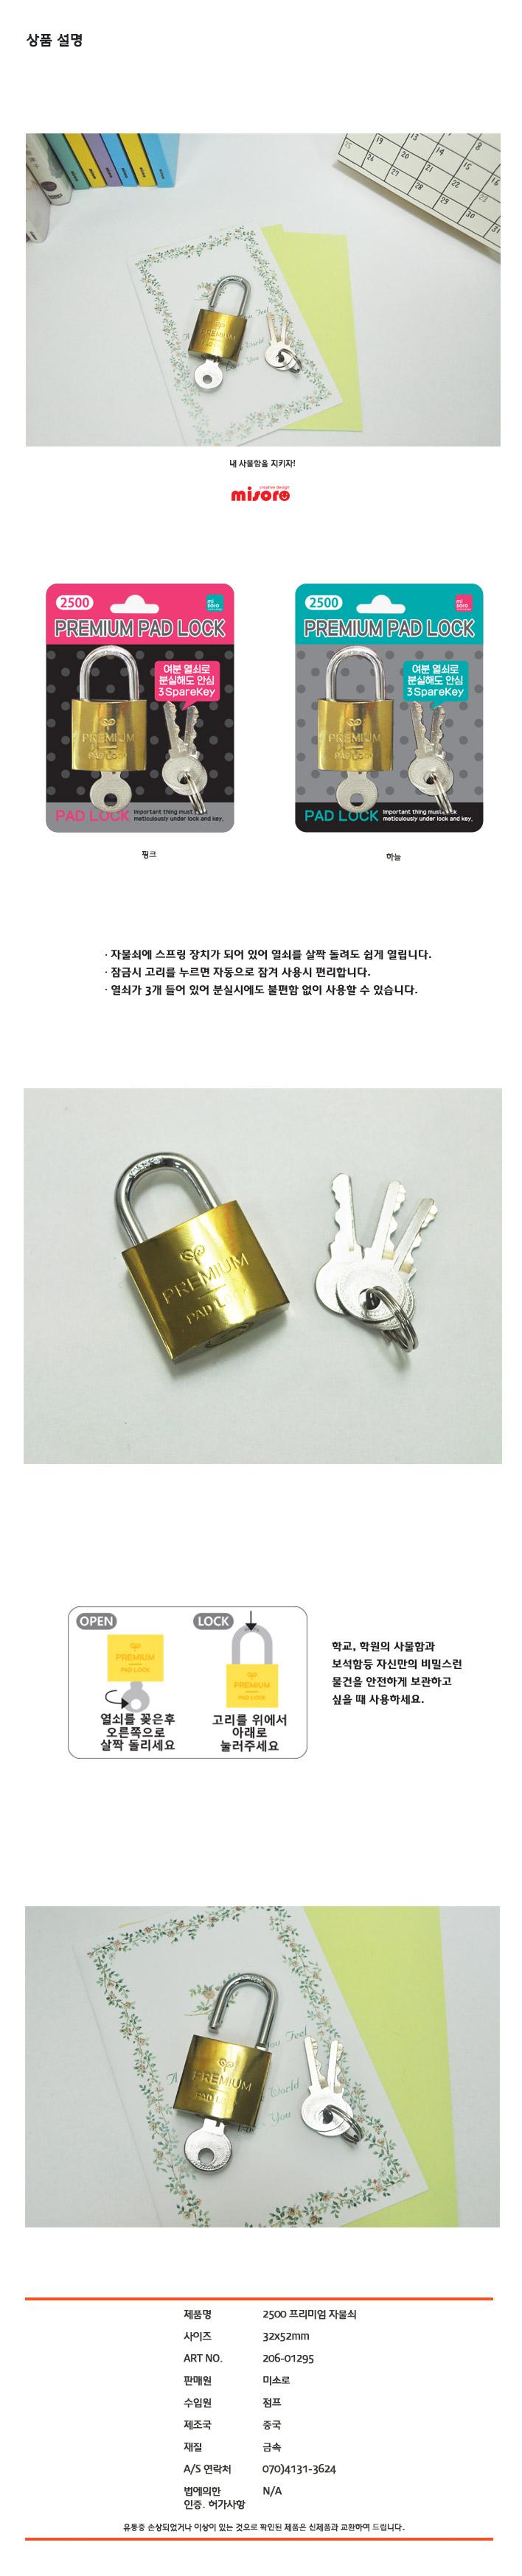 2500프리미엄자물쇠 12952,500원-미소로여행/레포츠, 캐리어, 보호용품, 자물쇠바보사랑2500프리미엄자물쇠 12952,500원-미소로여행/레포츠, 캐리어, 보호용품, 자물쇠바보사랑